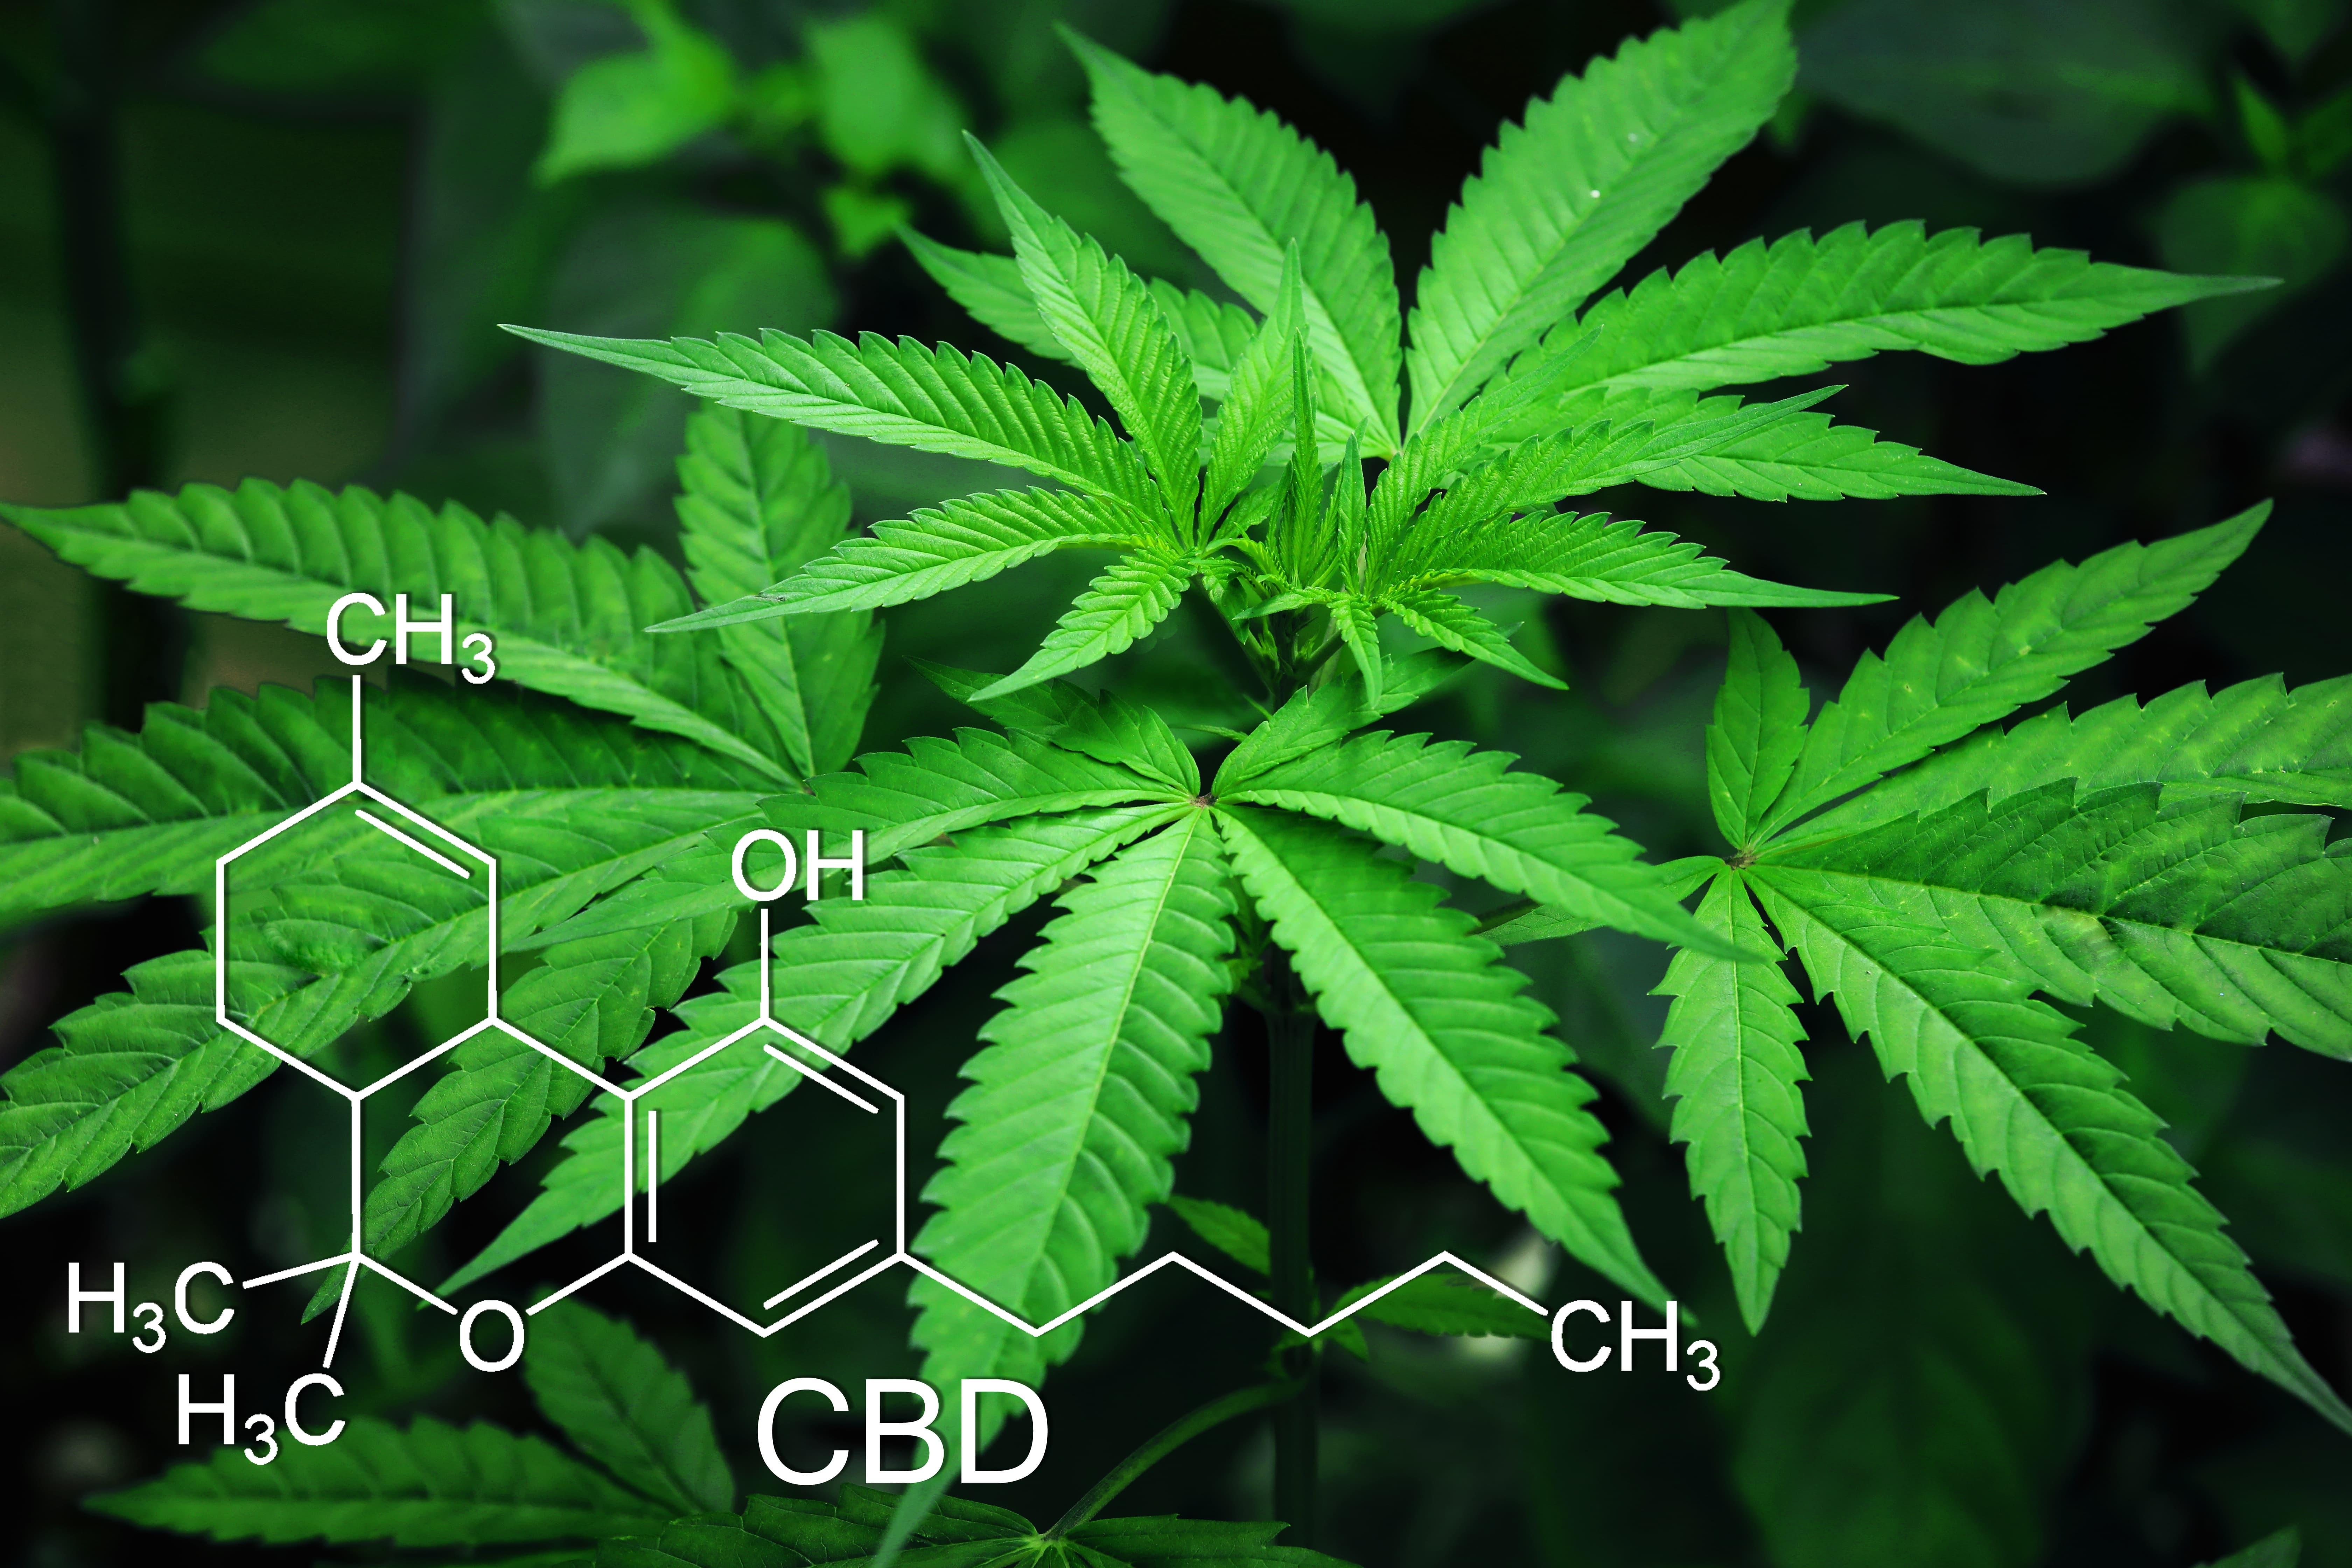 Pequeña introducción a las sustancias químicas del cannabis y beneficios terapéuticos